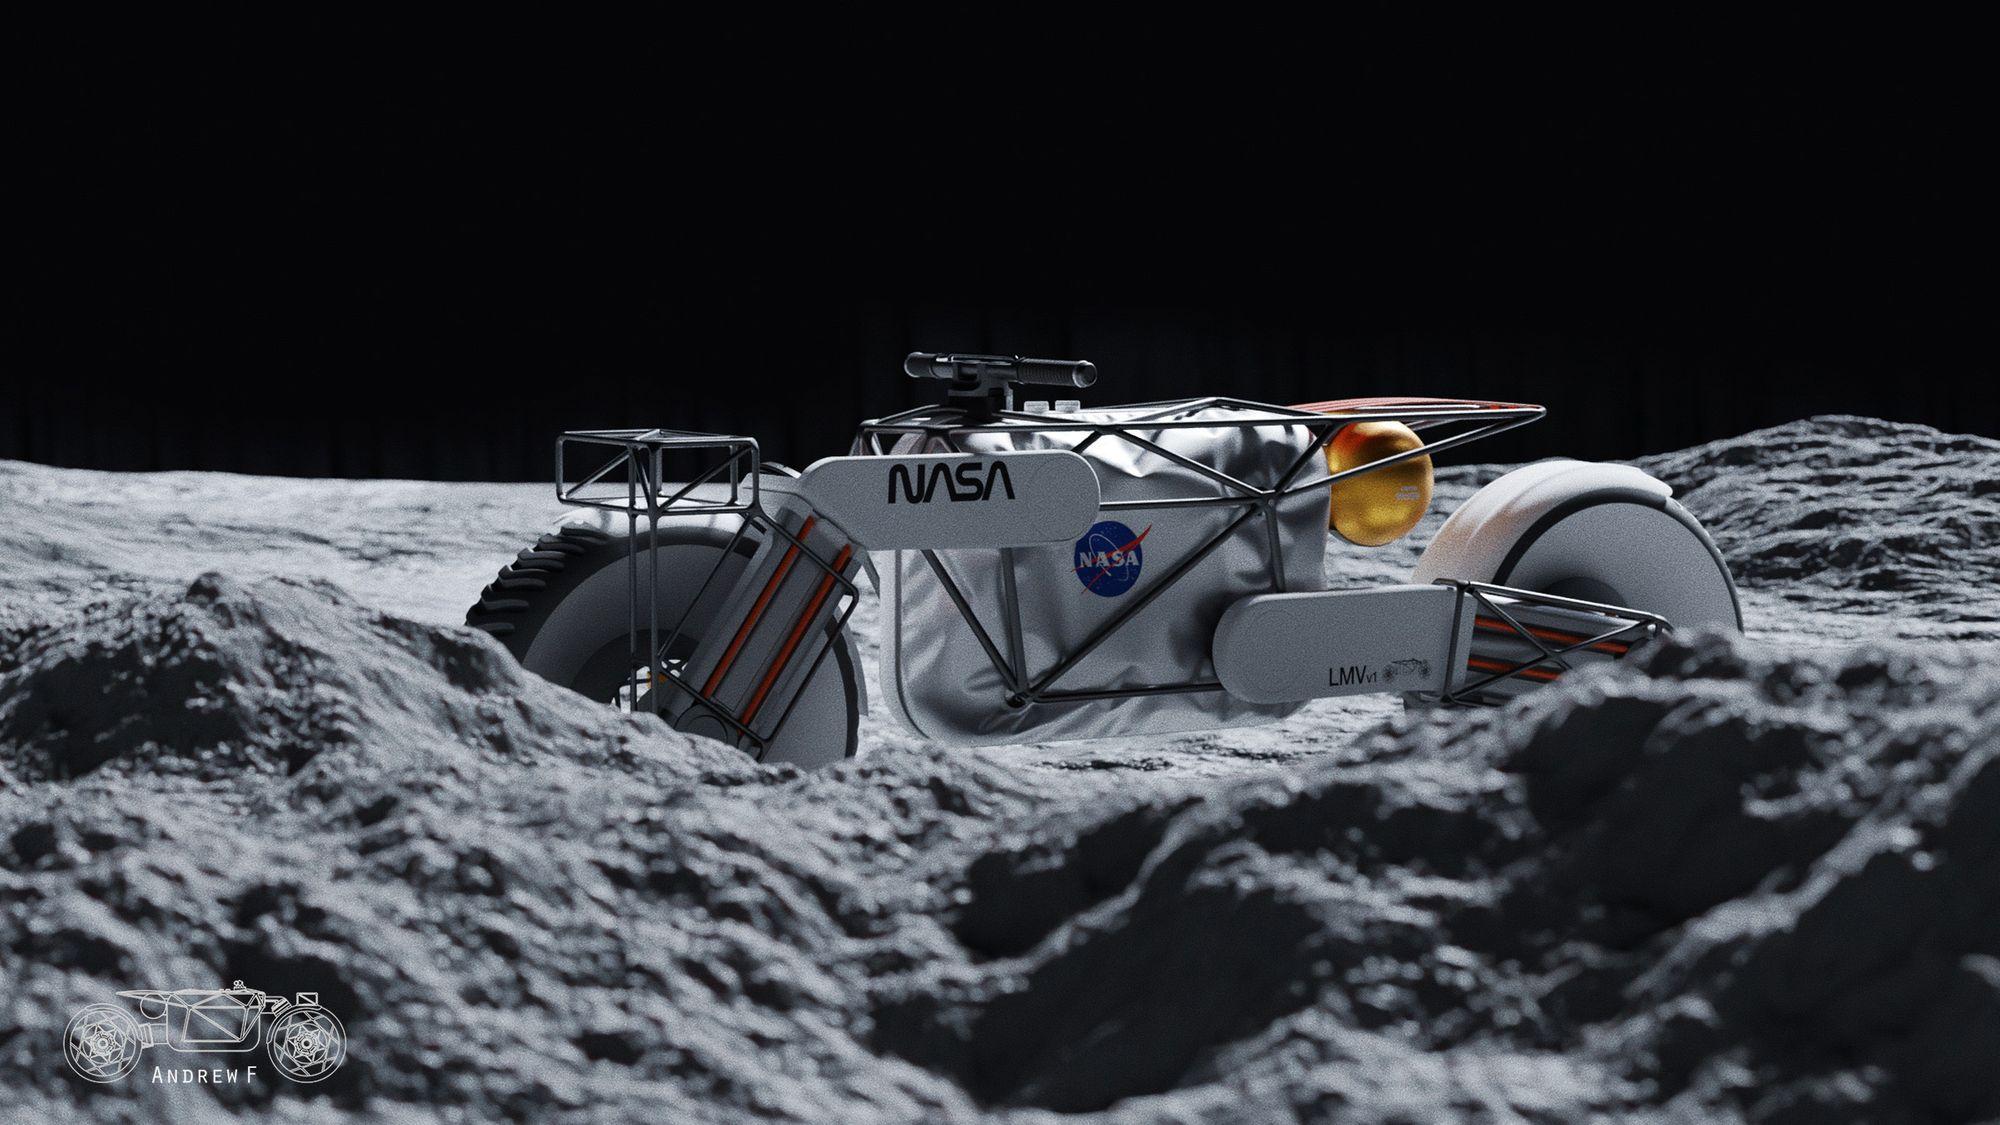 Η μοτοσυκλέτα Tardigrade στην επιφάνεια της Σελήνης